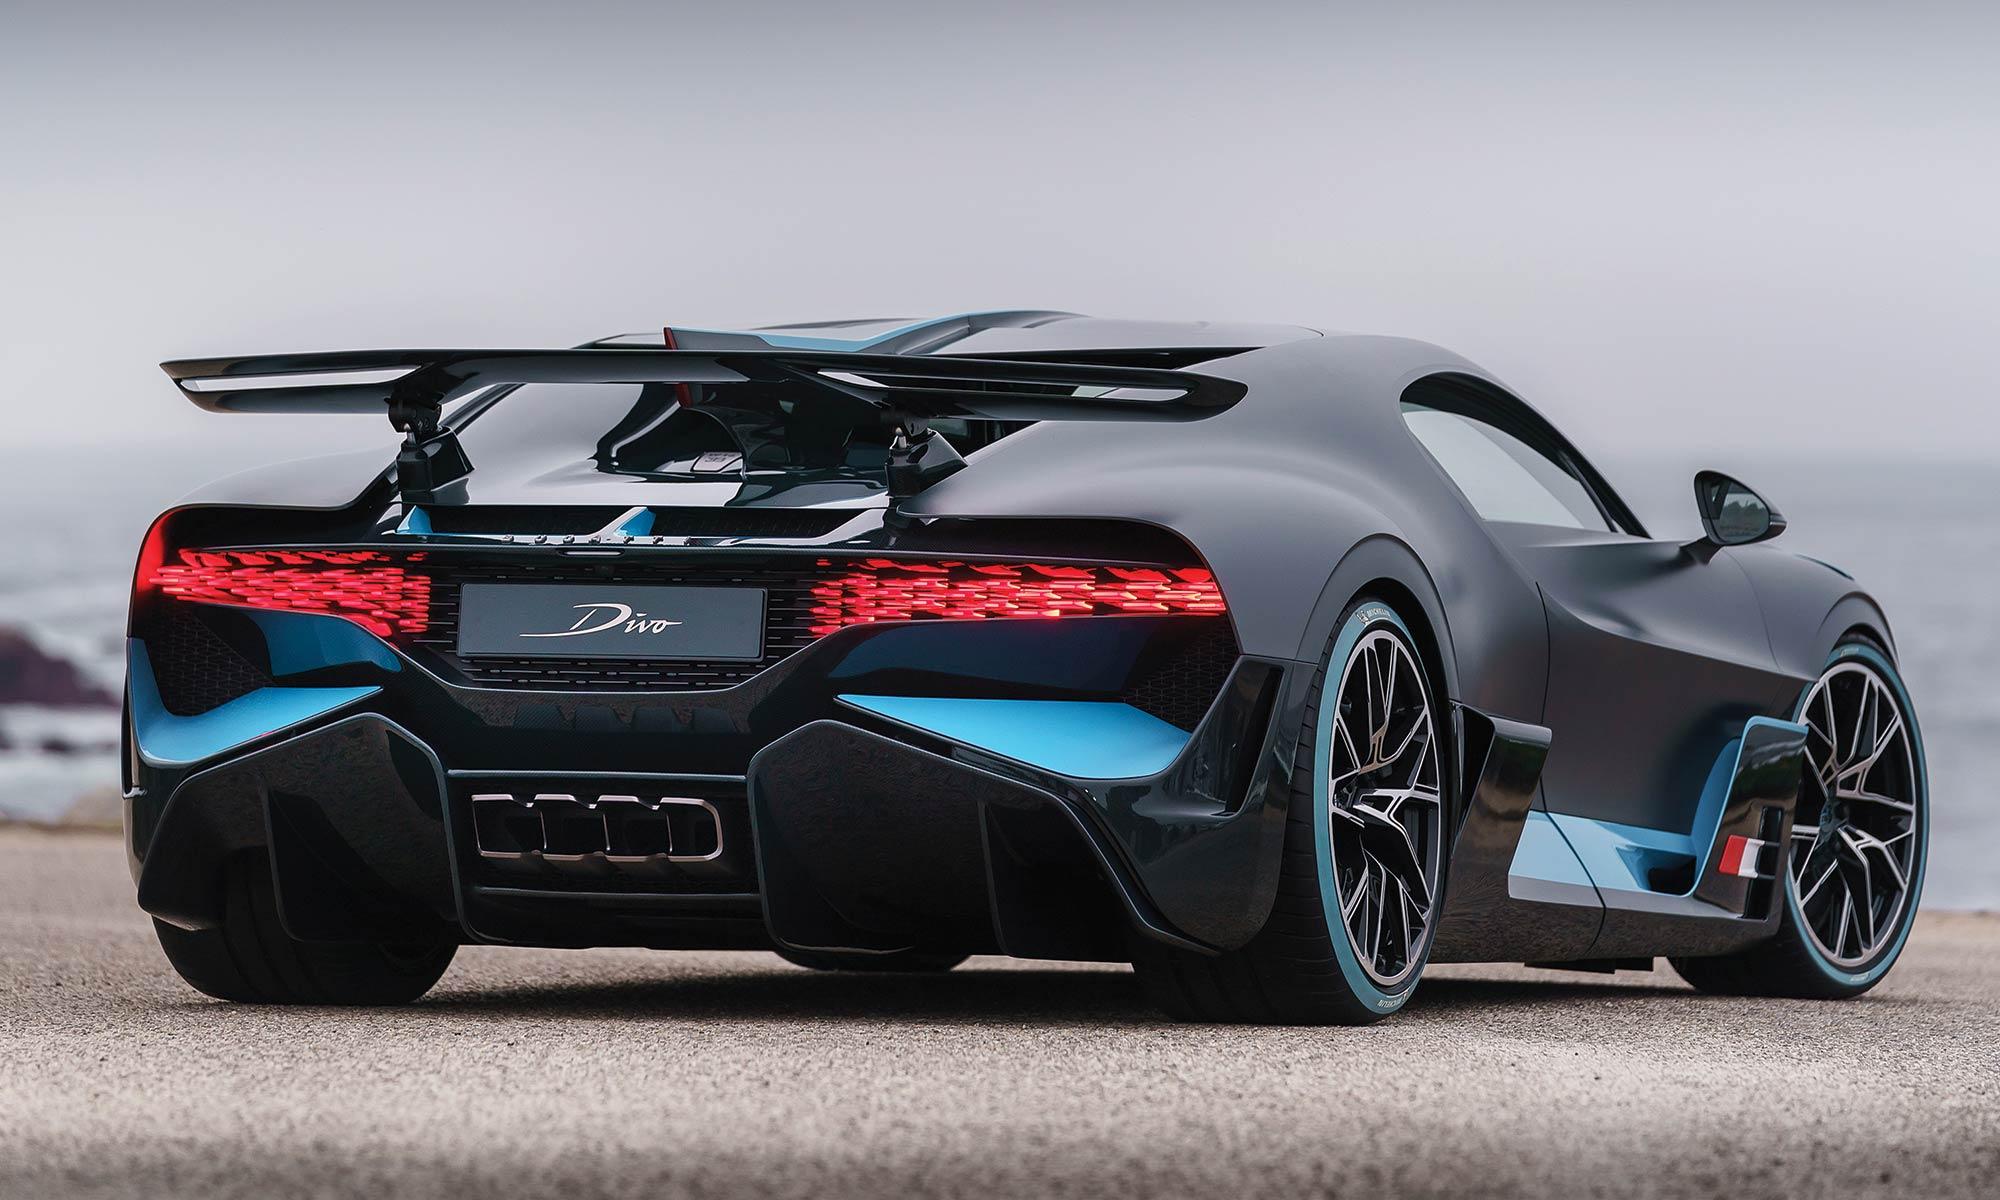 The Bugatti Divo 2019 Car Review